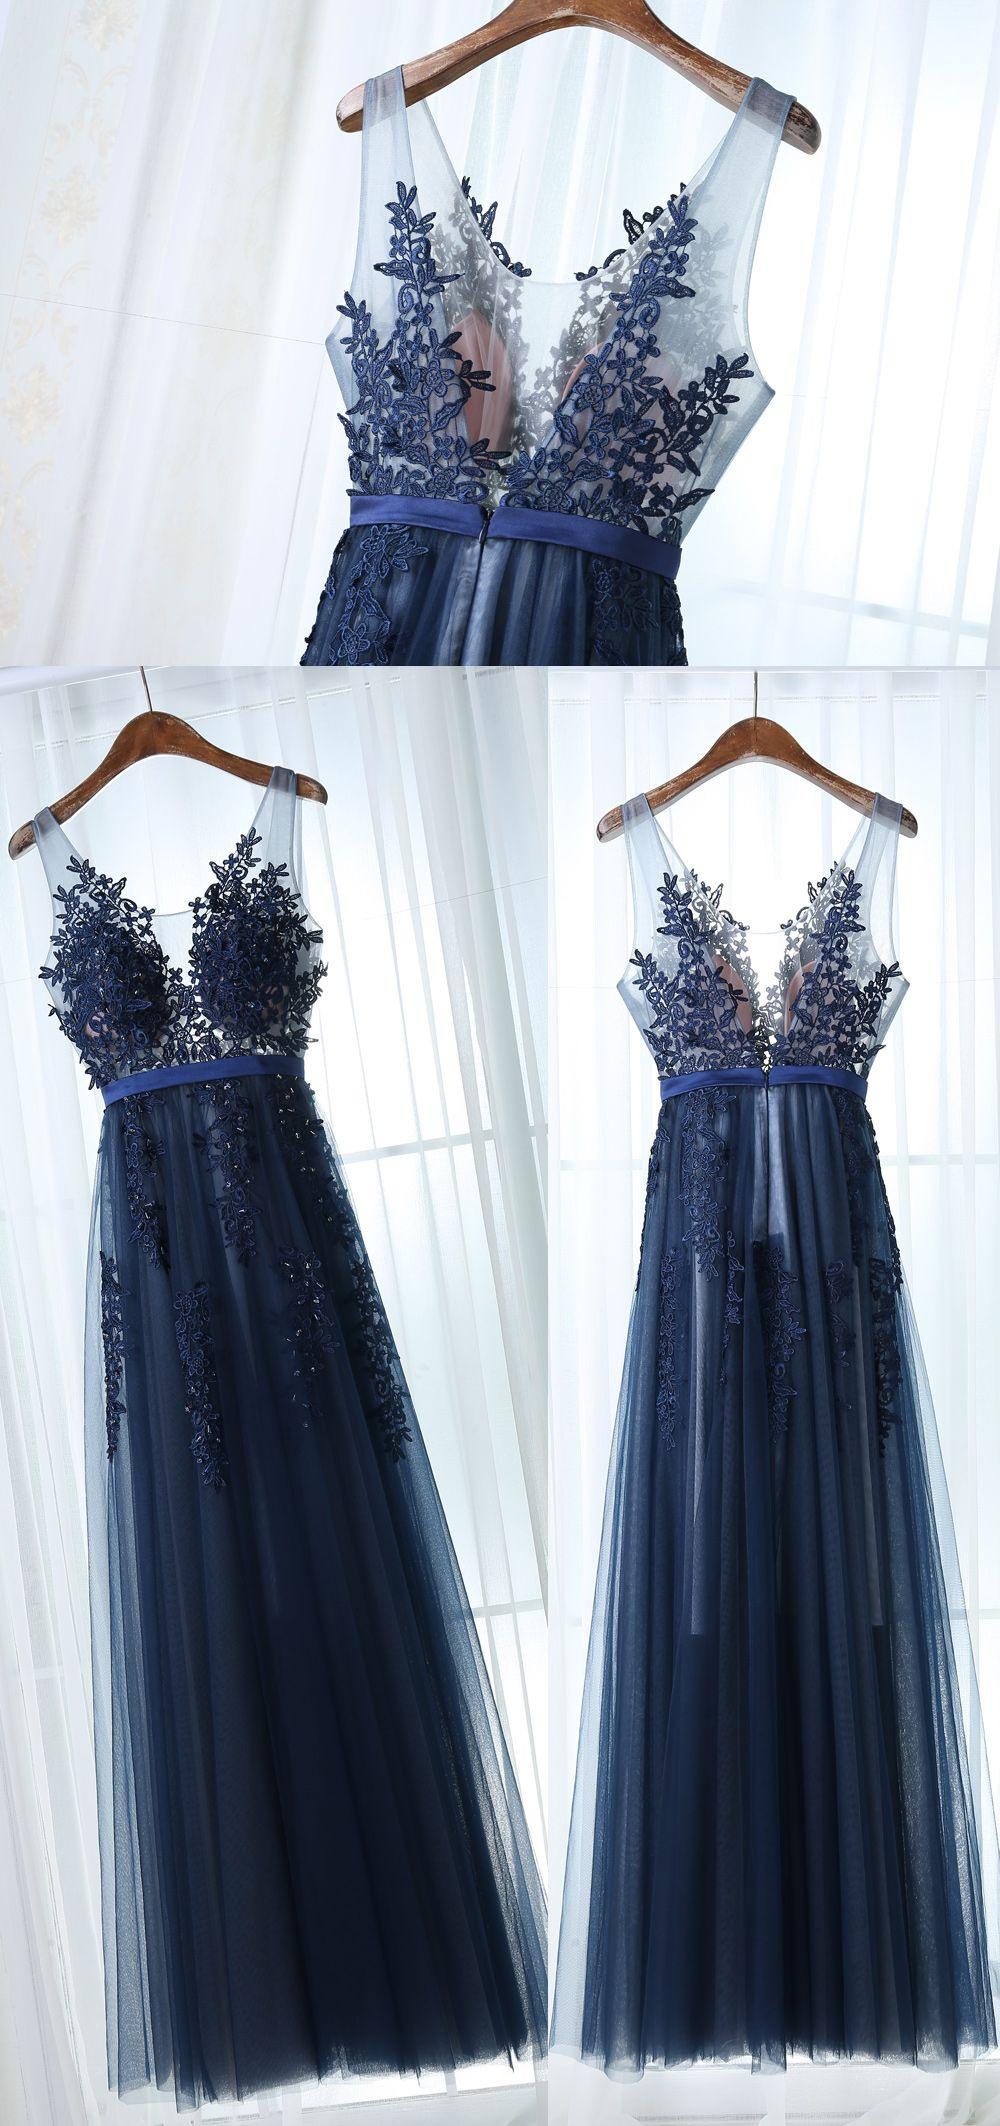 Formal Einfach Royalblaues Abendkleid Bester Preis17 Top Royalblaues Abendkleid Stylish